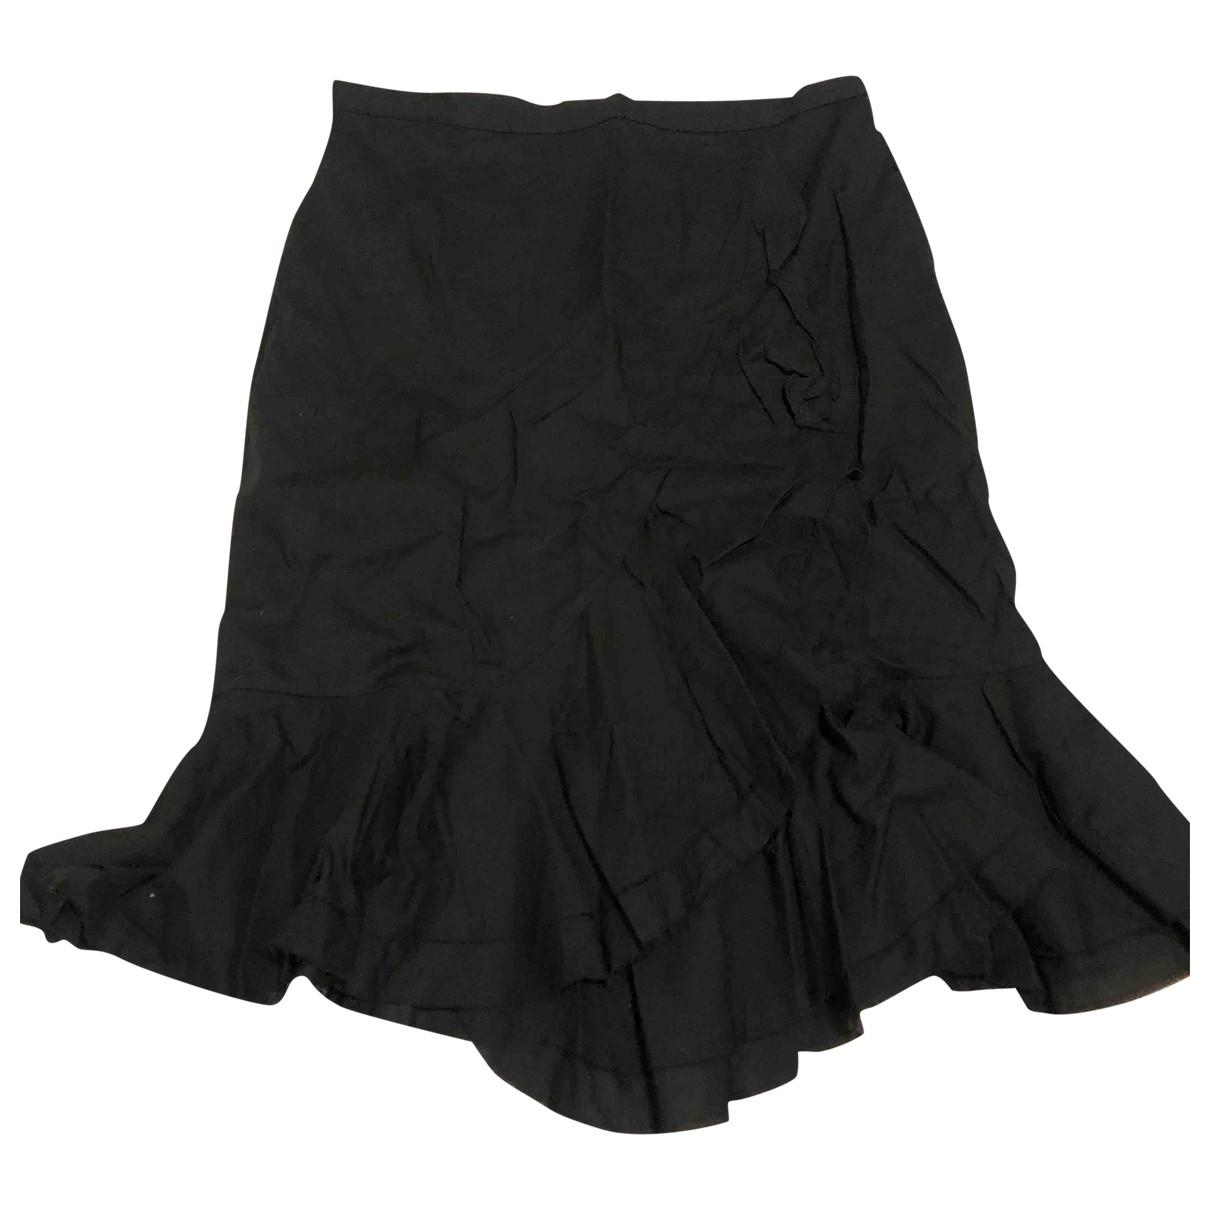 Paul & Joe \N Black Cotton skirt for Women 38 FR